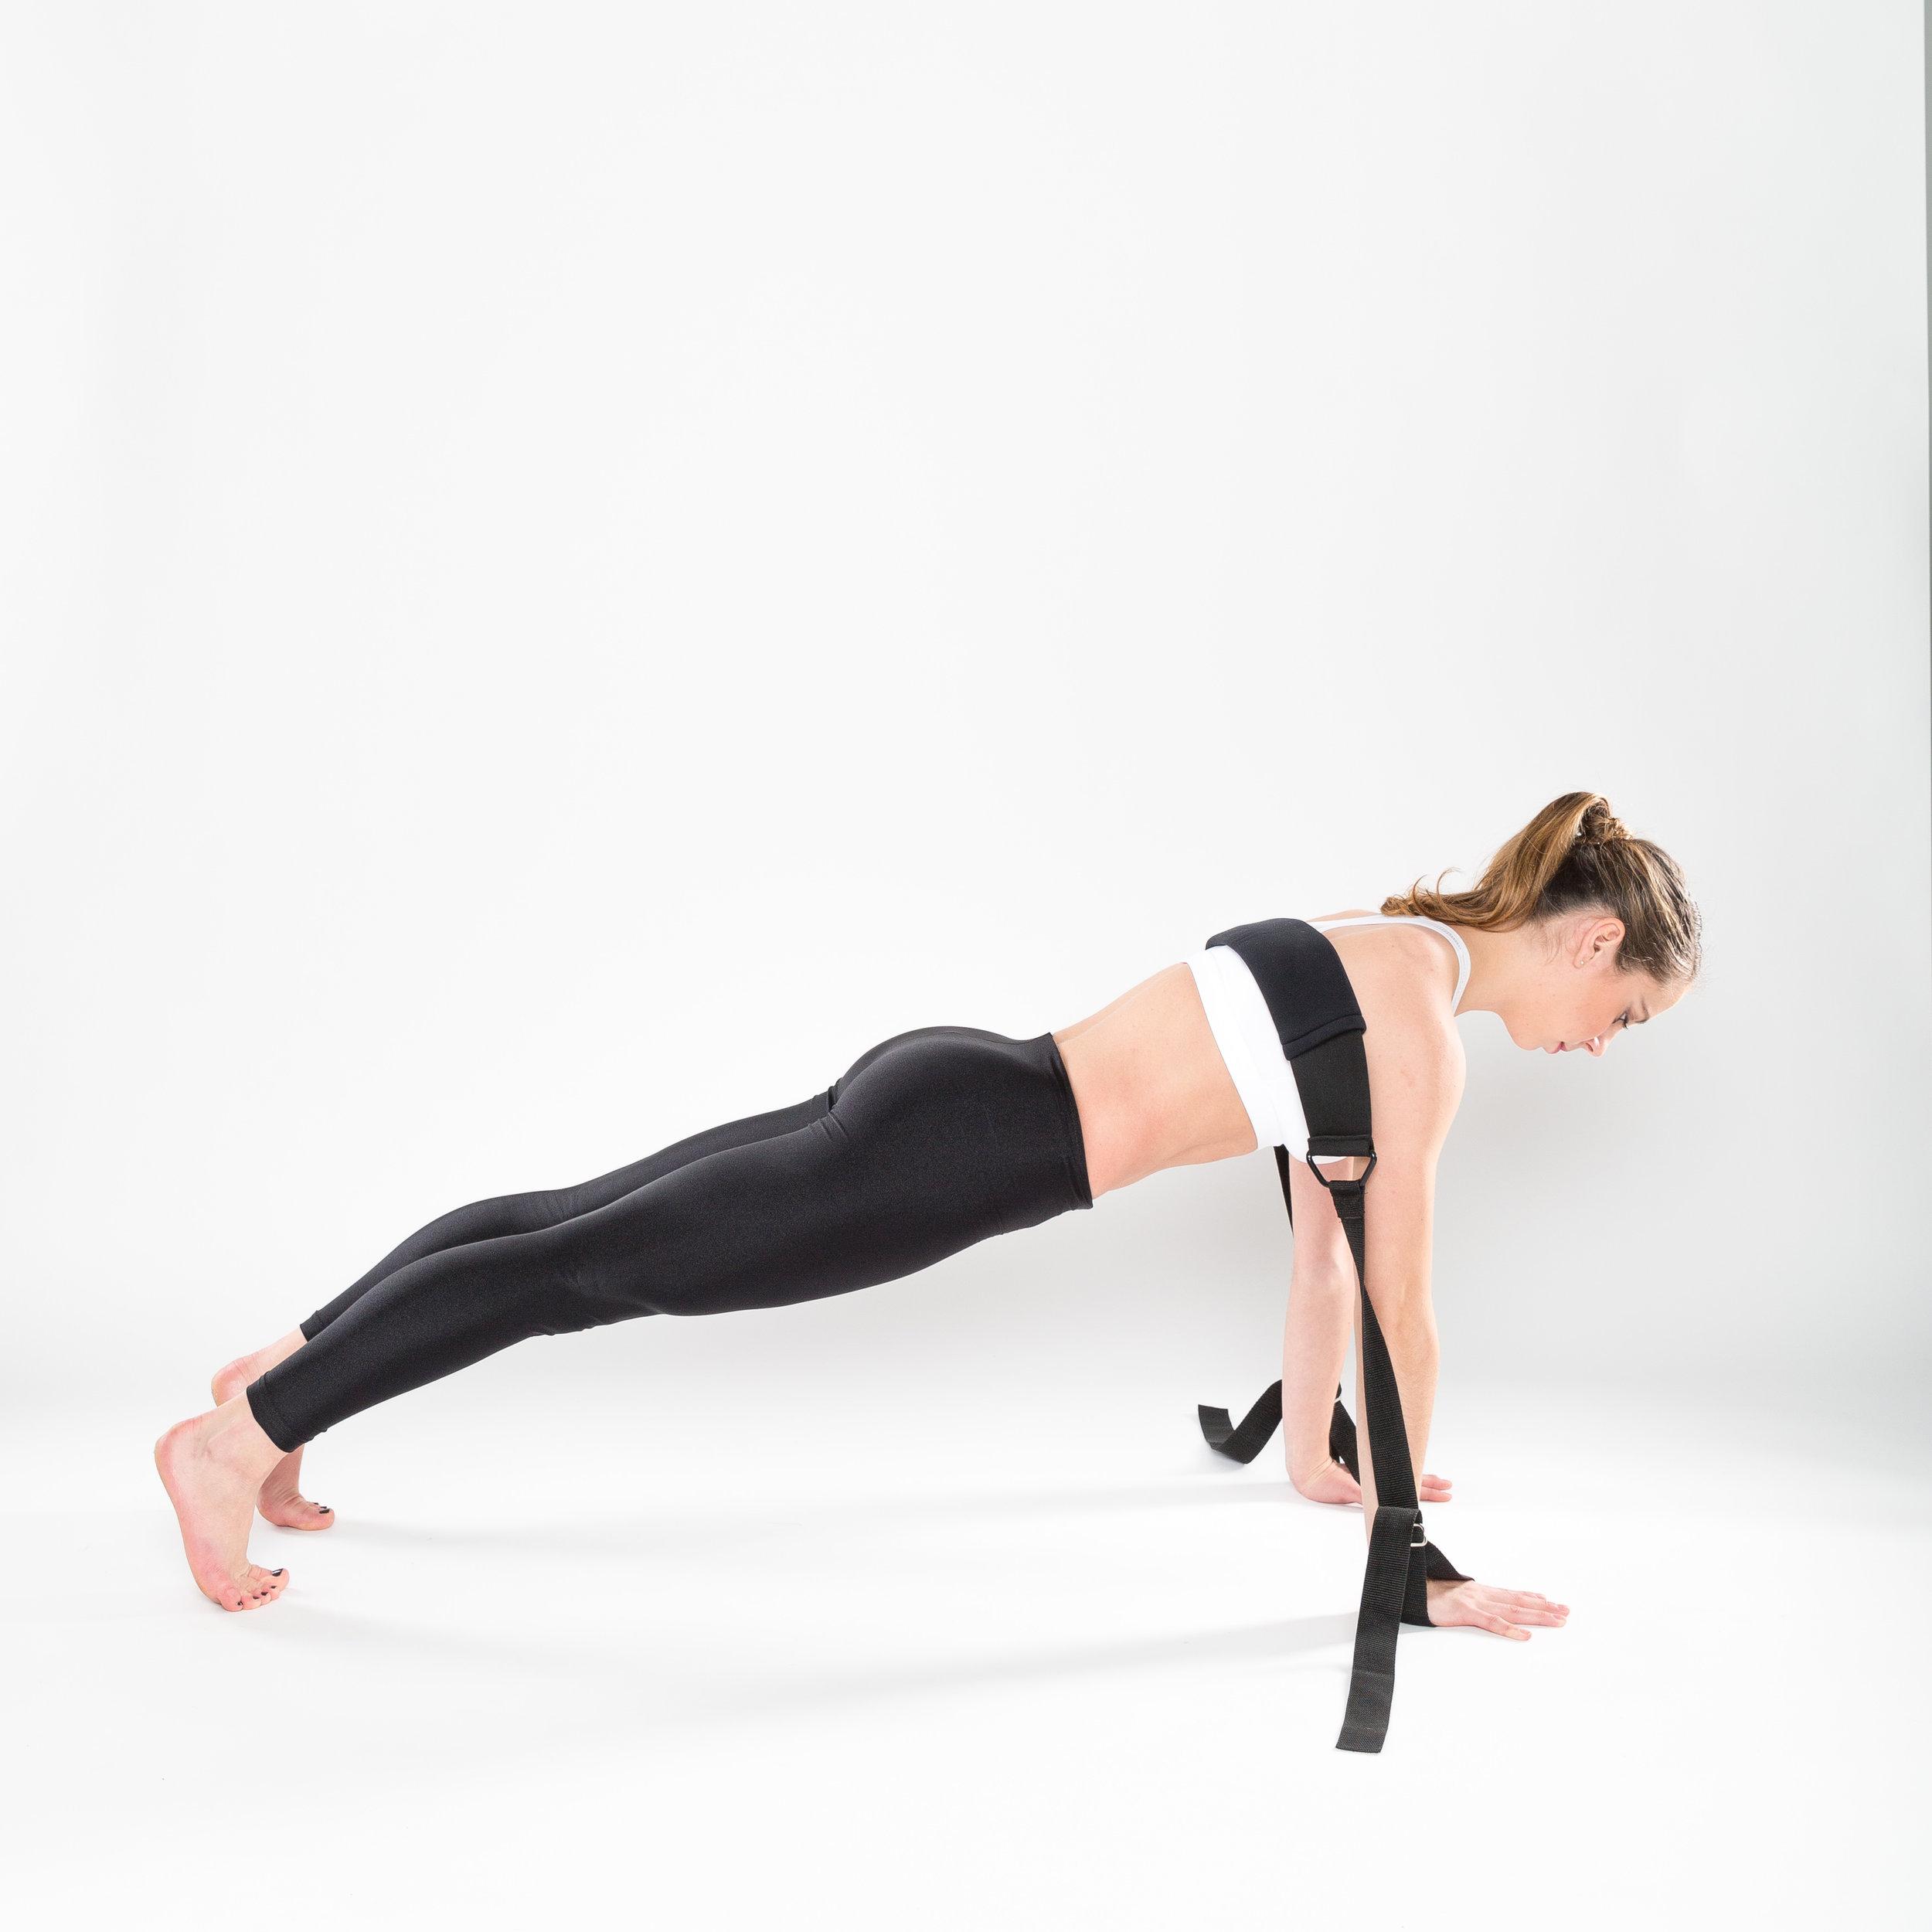 flexistretcher plank